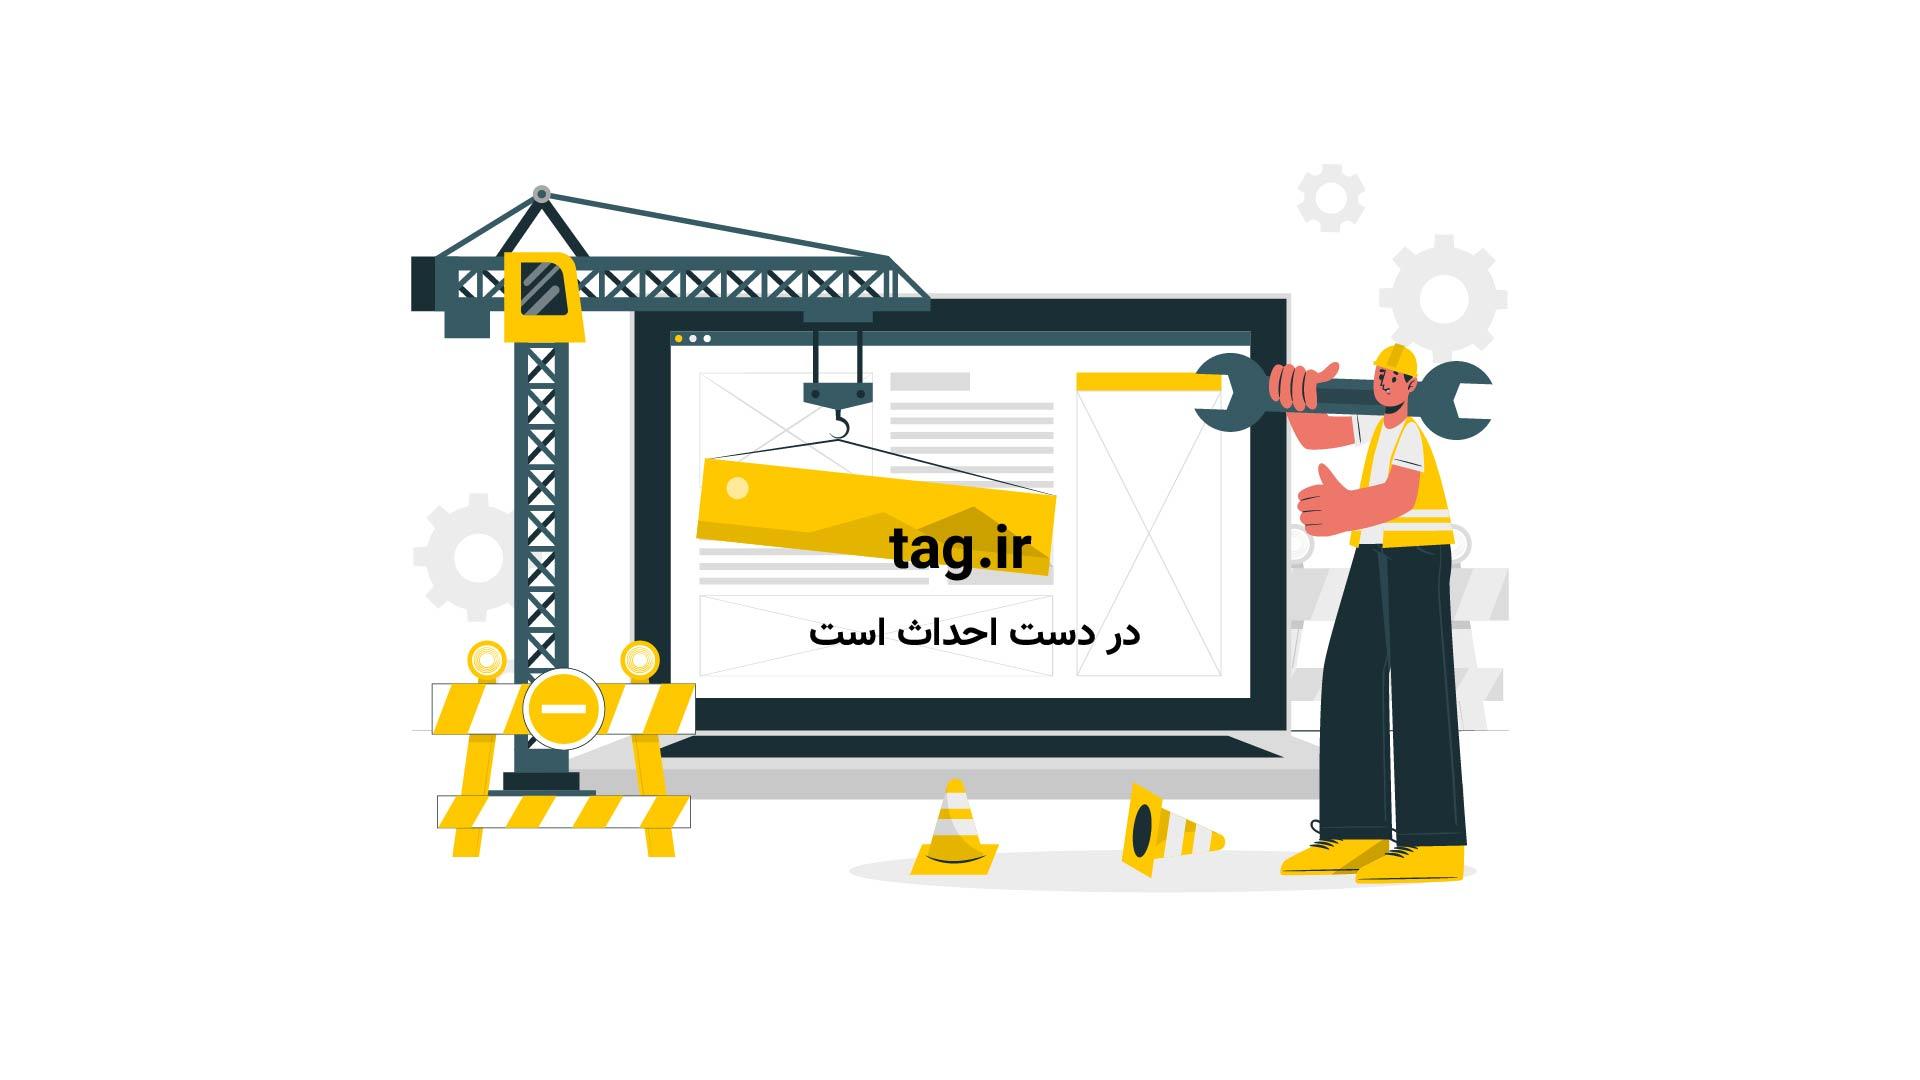 ساخت رنگین کمان کریستالی با زاج | فیلم